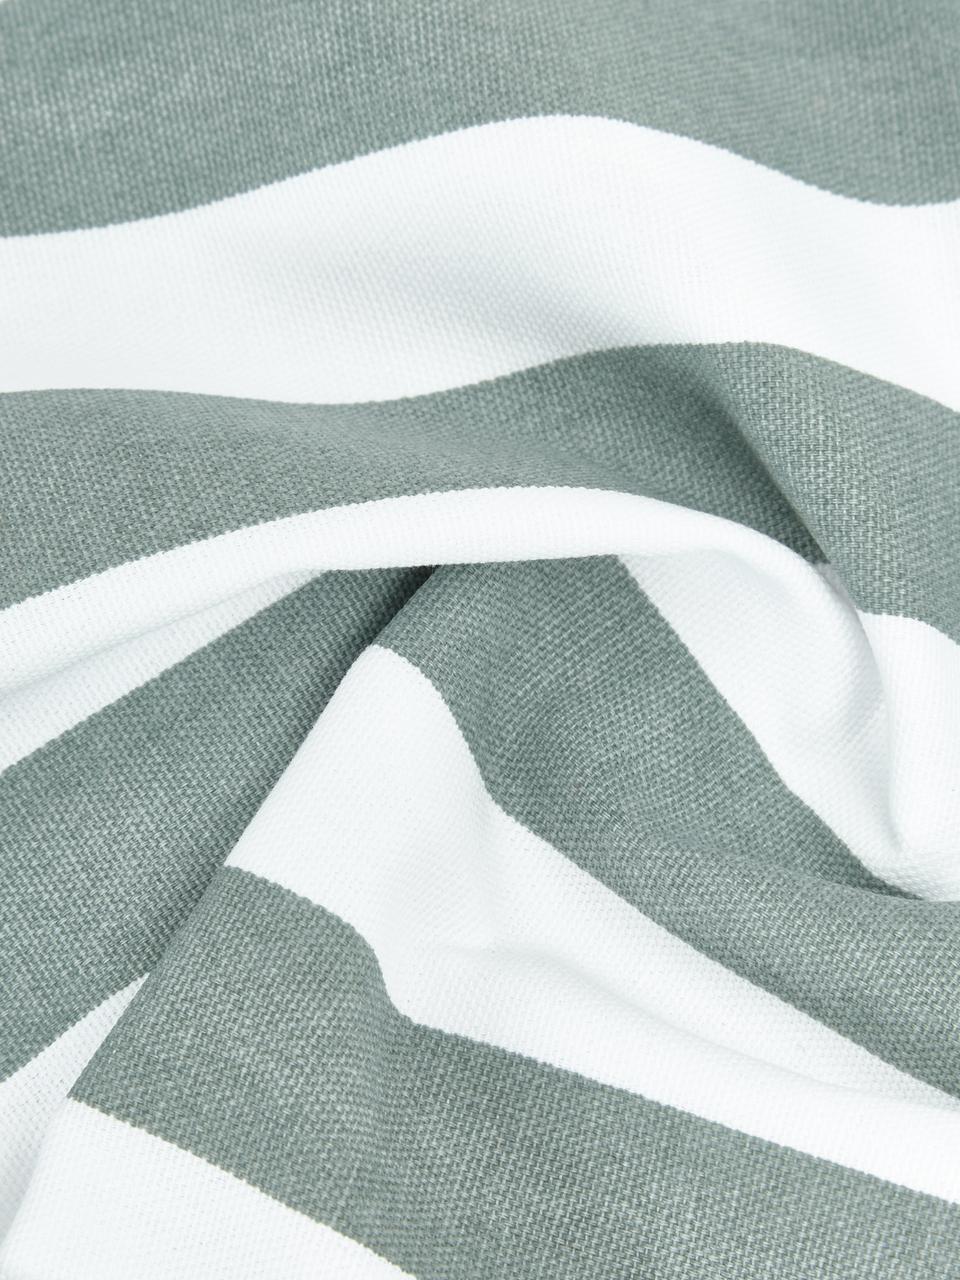 Gestreifte Kissenhülle Timon in Salbeigrün/Weiß, 100% Baumwolle, Grün, 40 x 40 cm